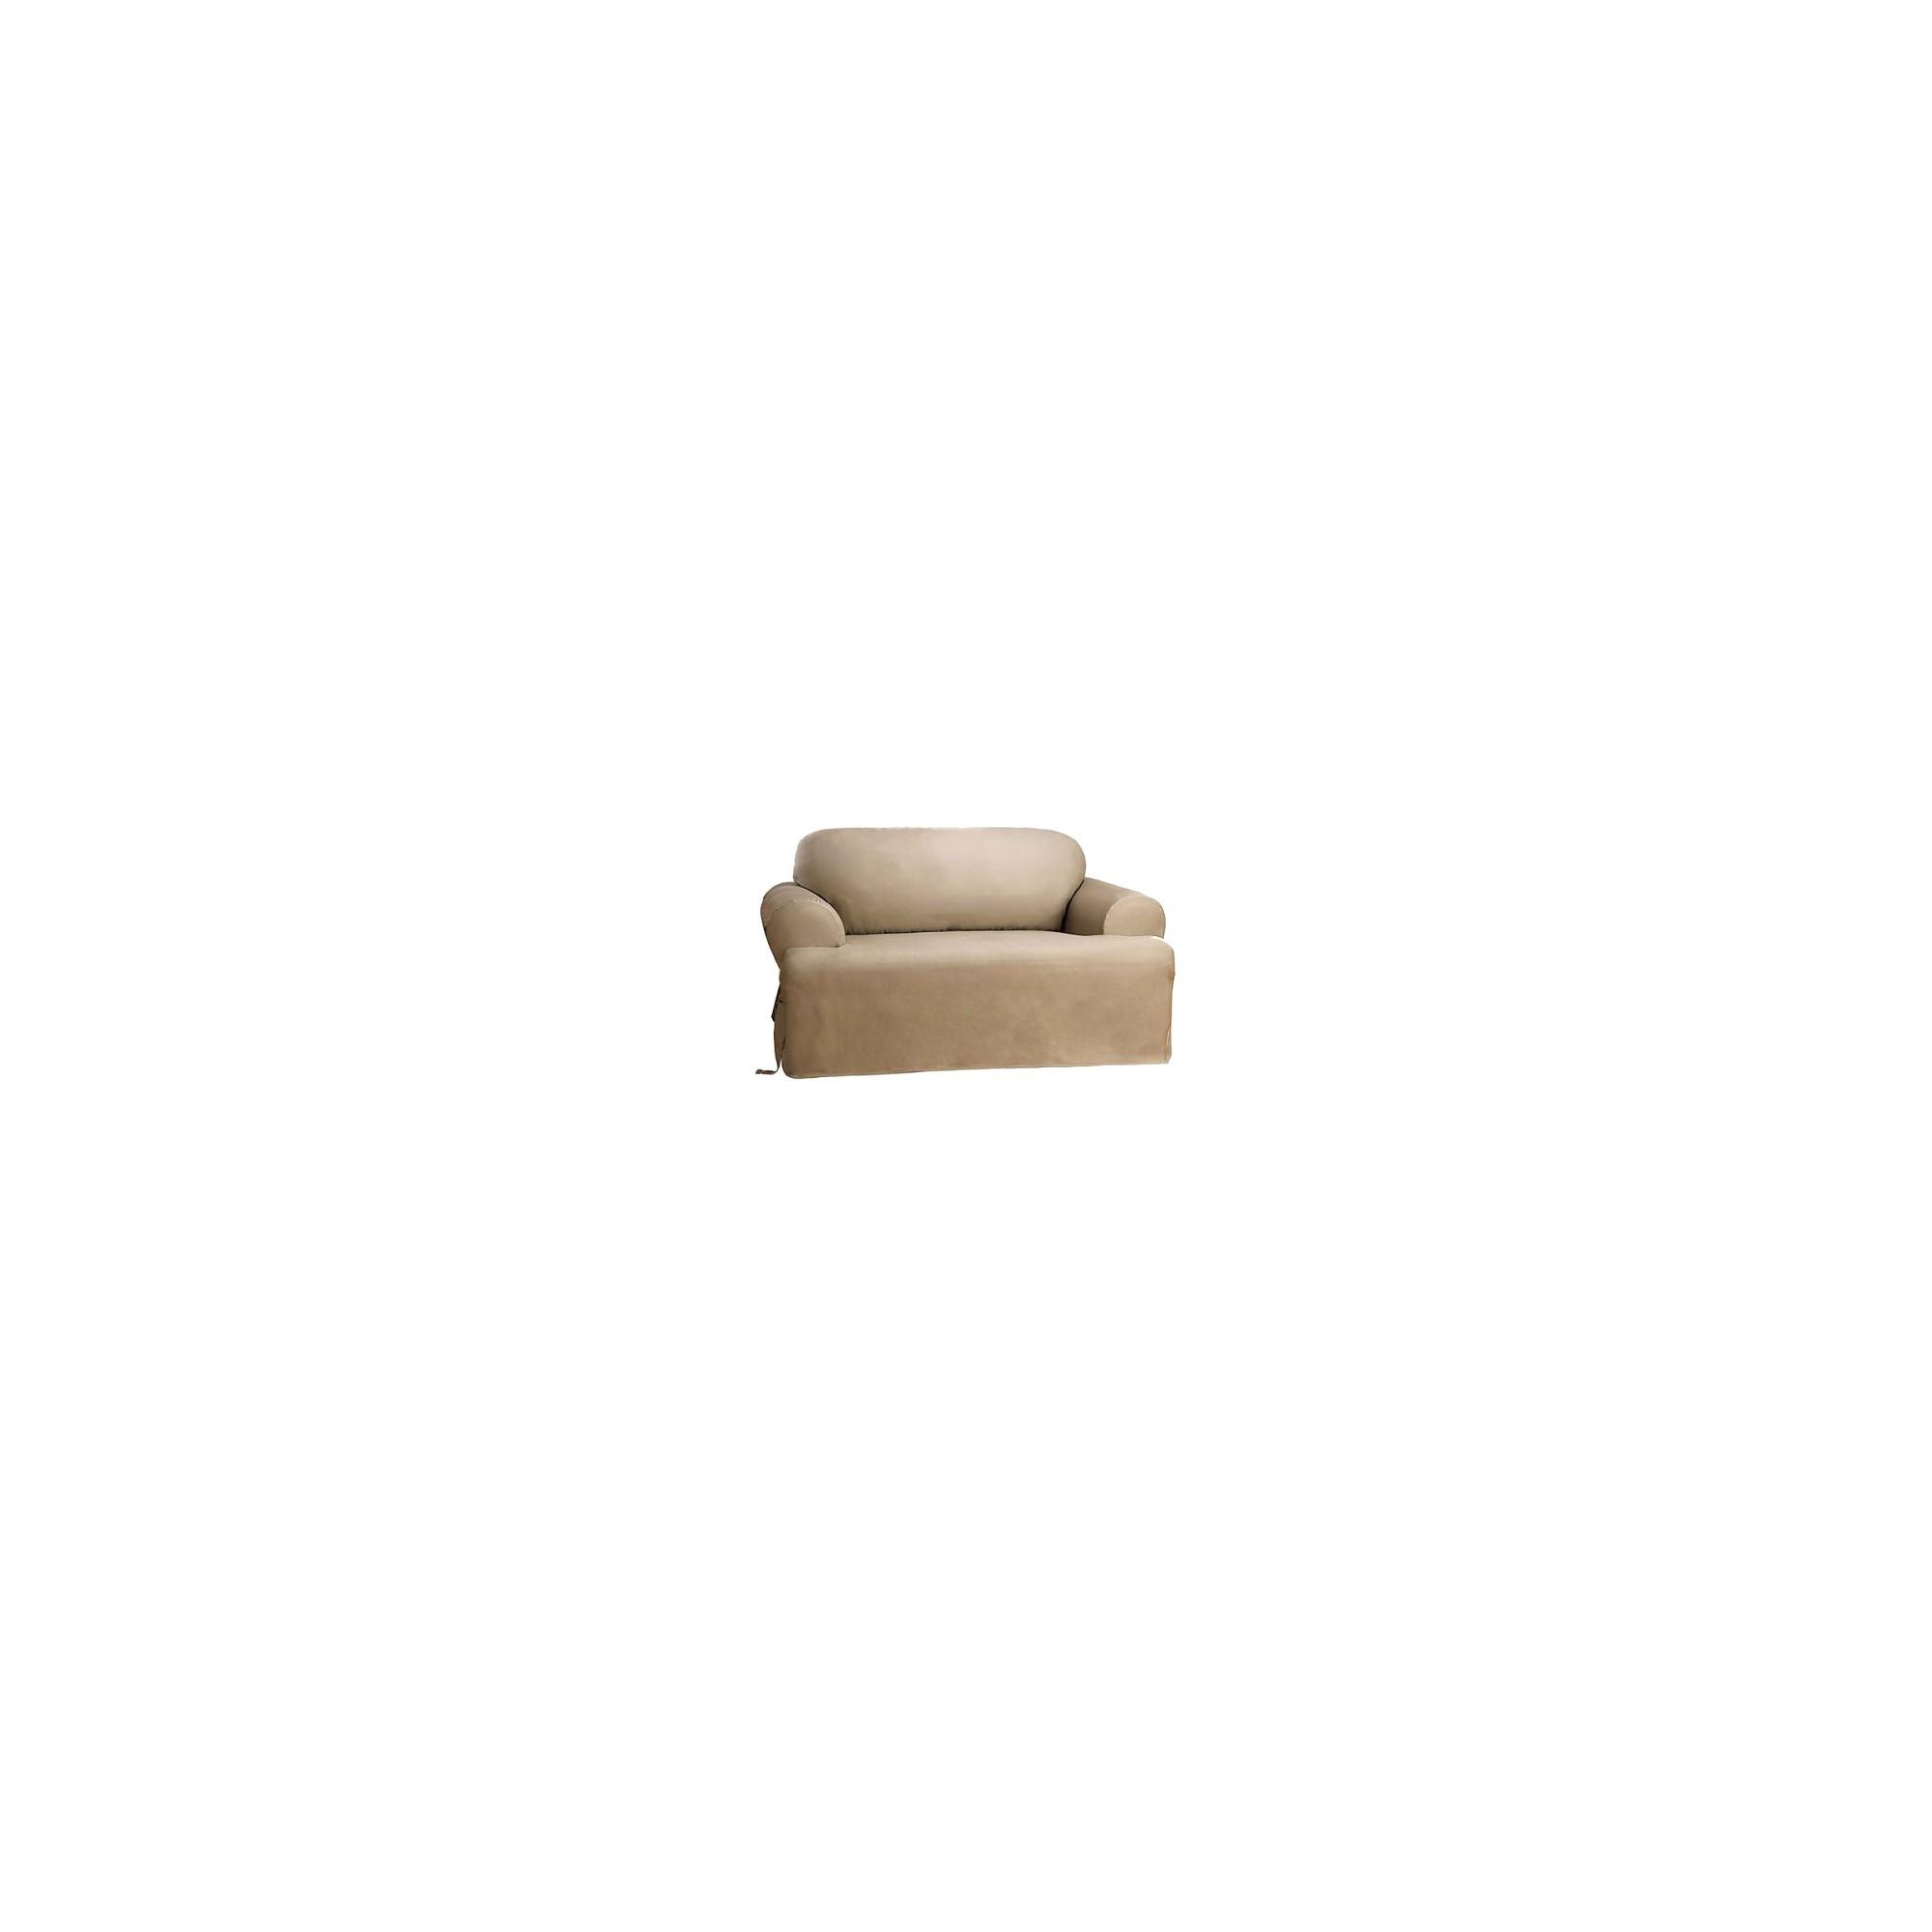 Cotton Duck Tcushion Loveseat Slipcover Linen - Sure Fit